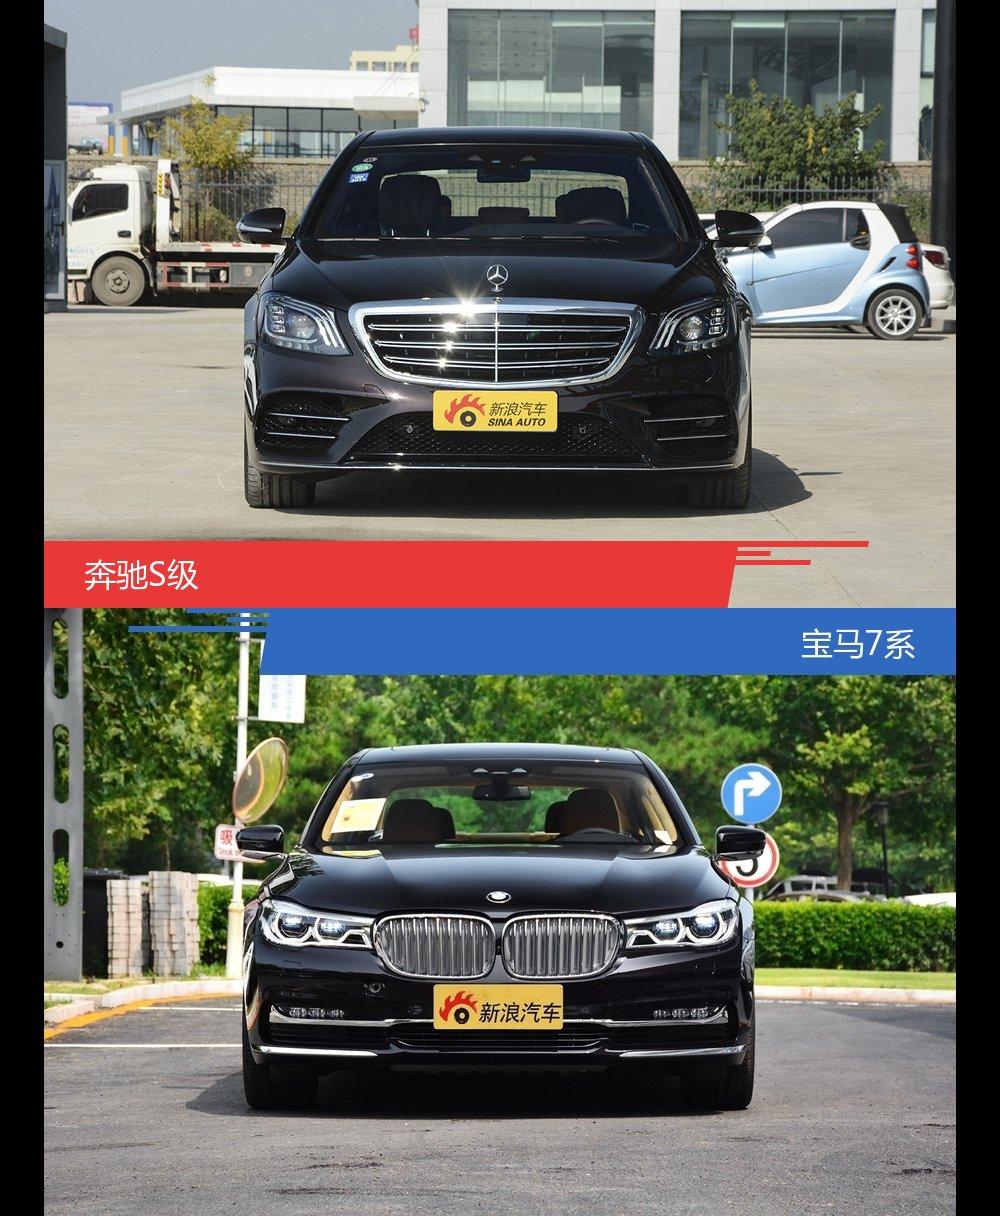 奔驰S级和宝马7系风格这么不同 到底该选谁?